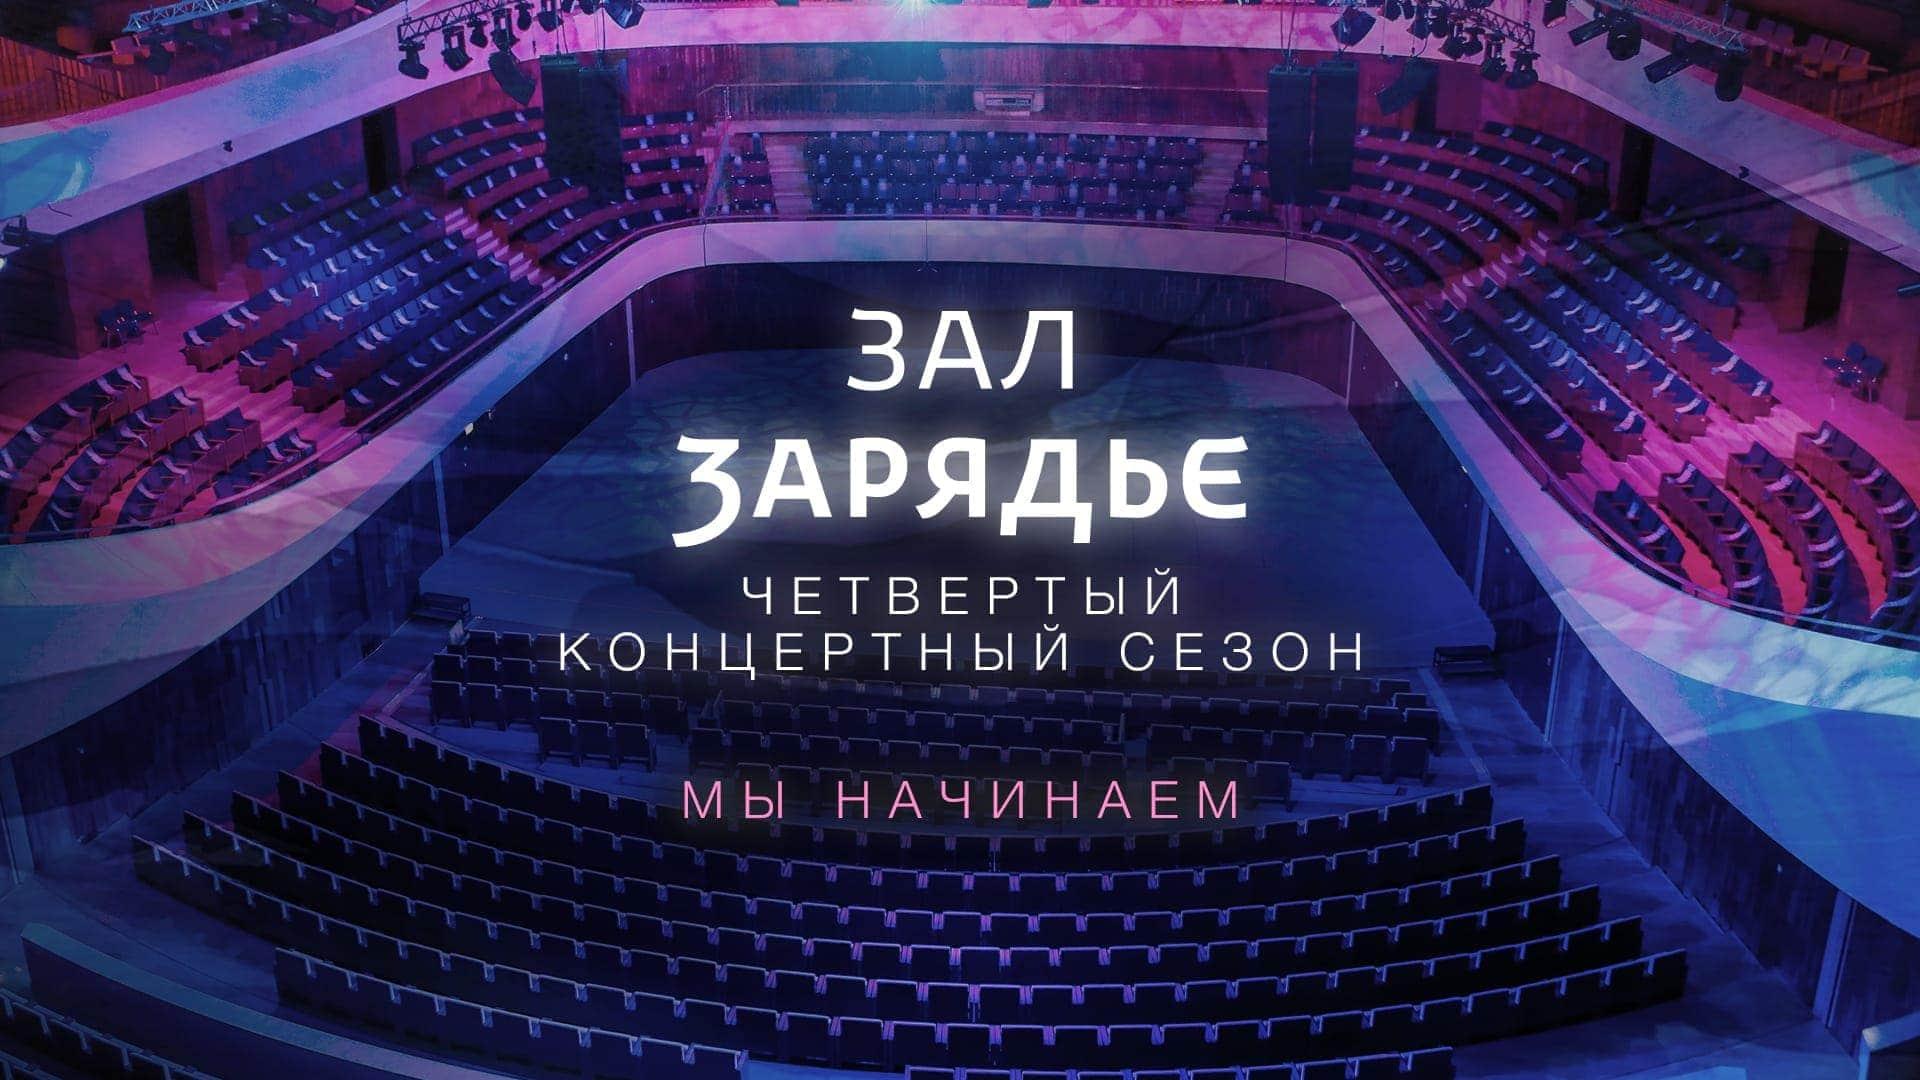 """Зал """"Зарядье"""" открывает четвертый концертный сезон"""